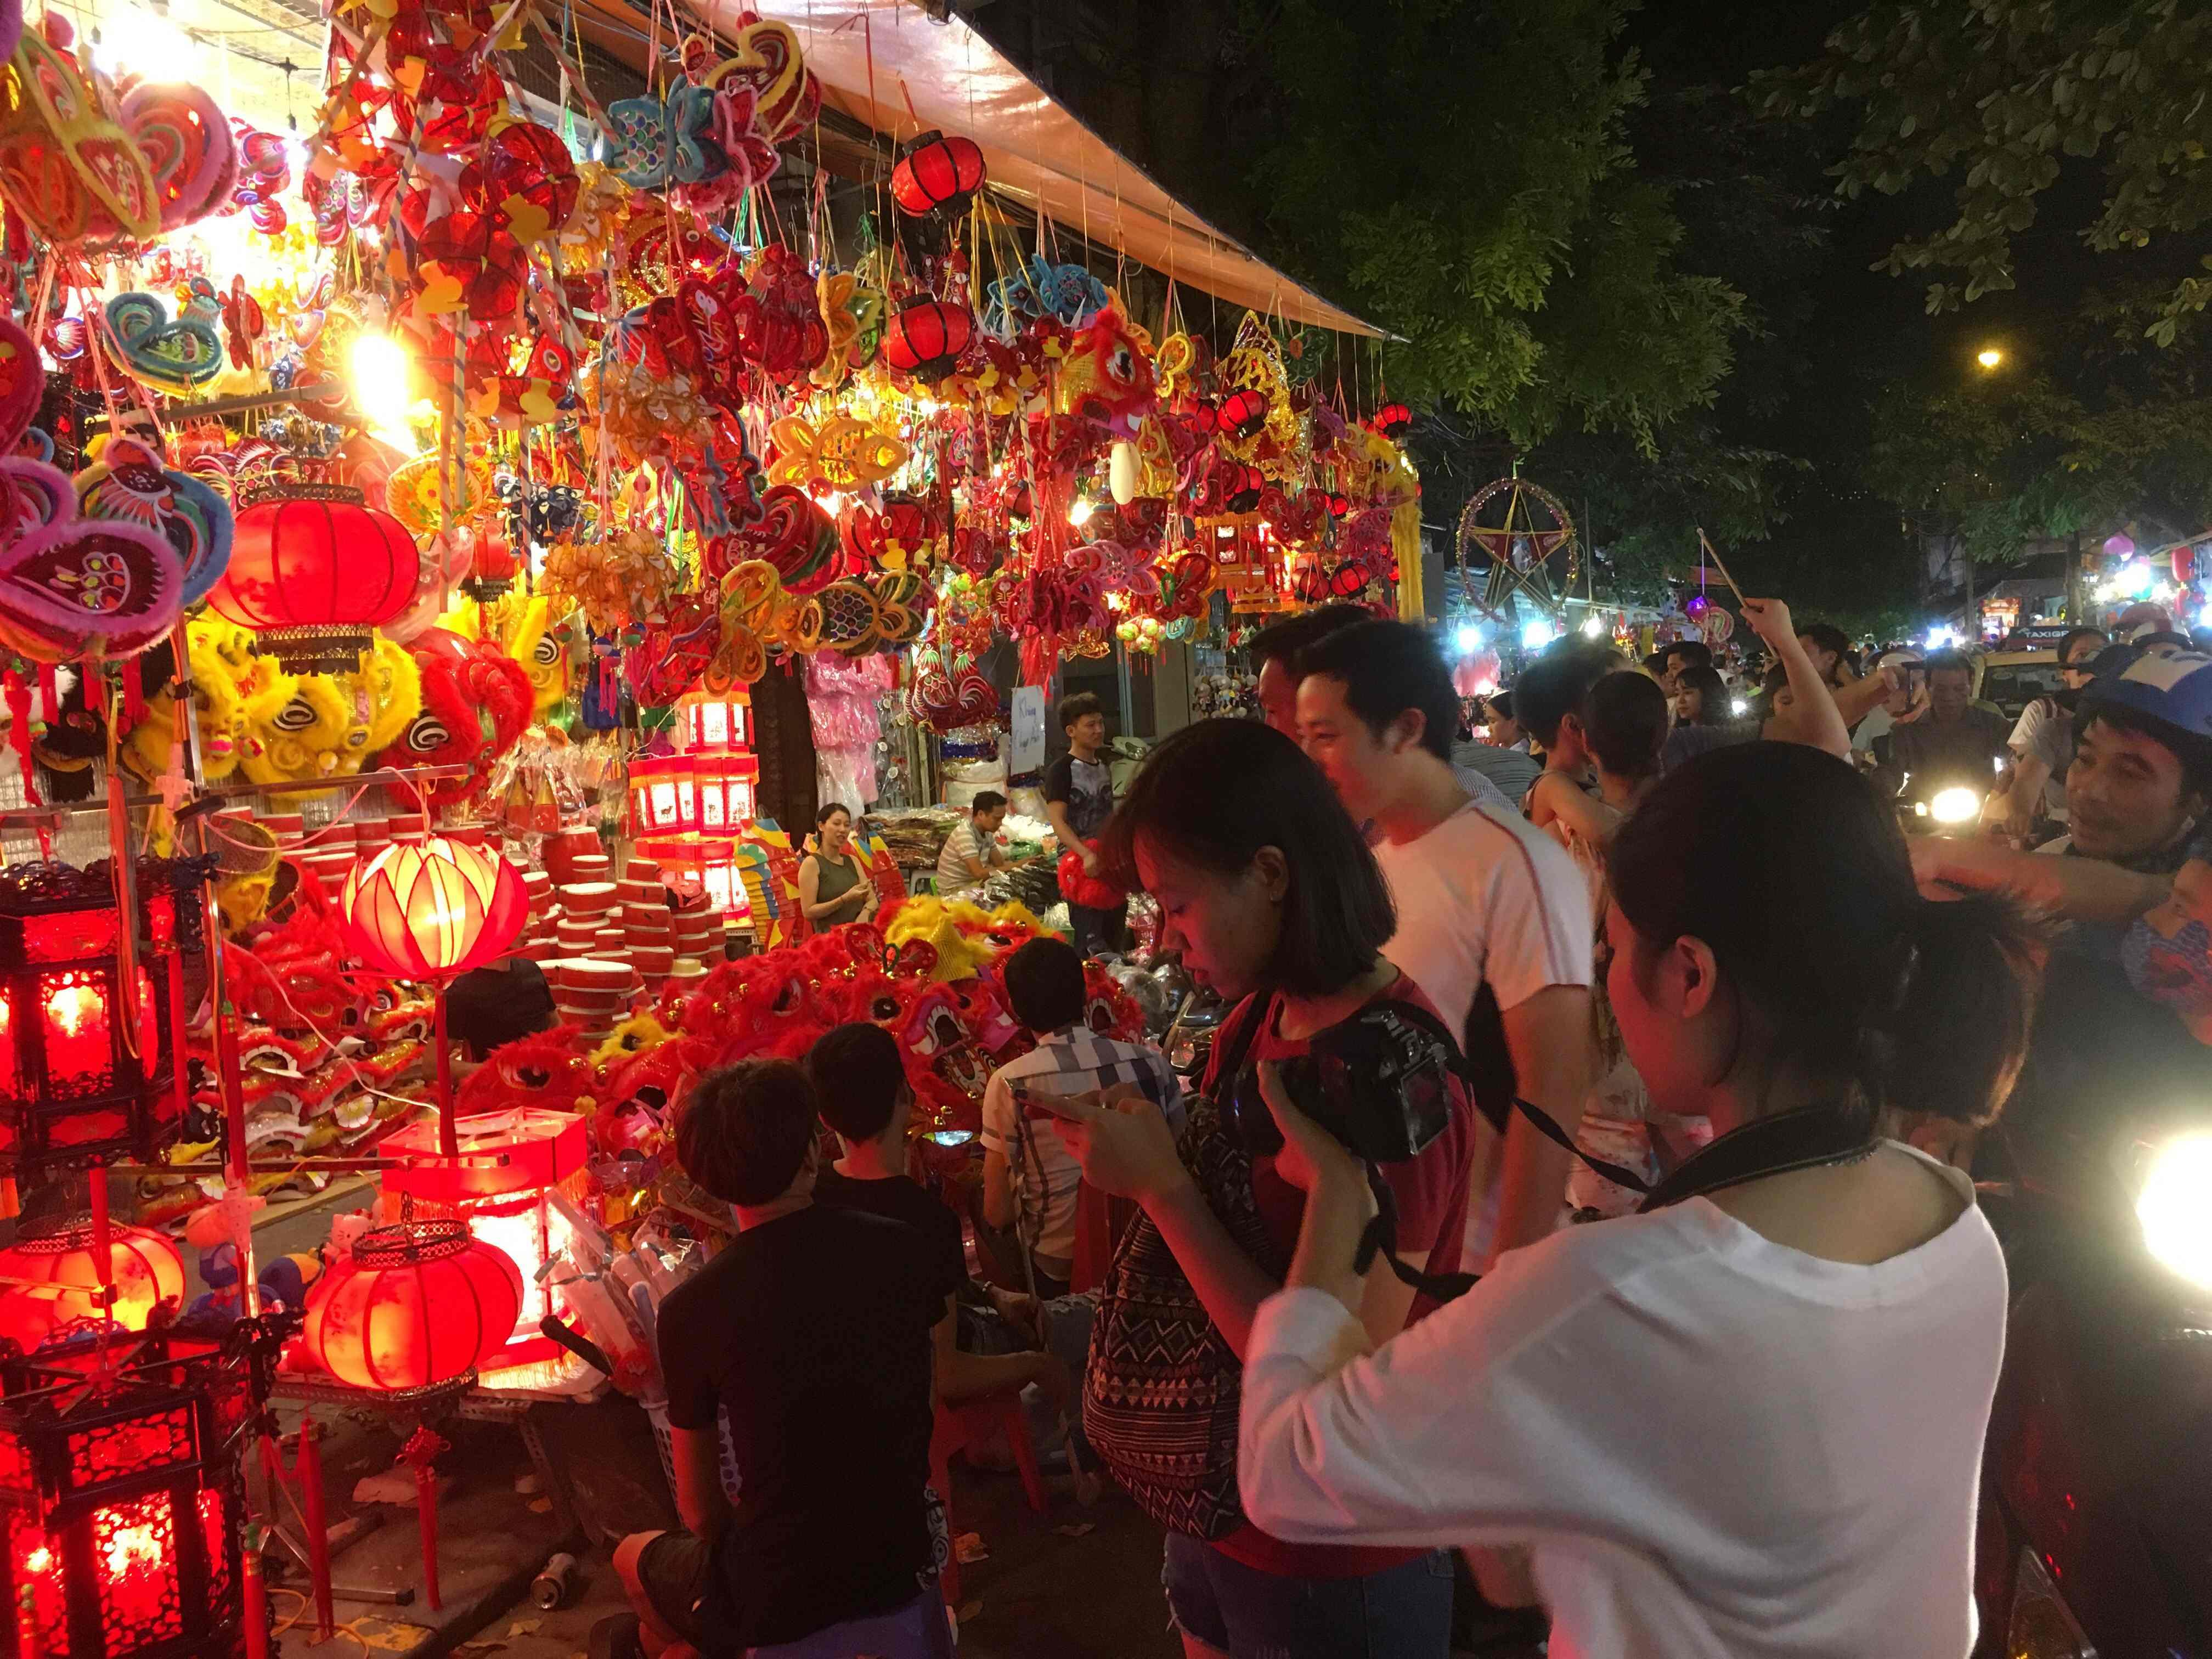 Tìm hiểu về tết trung thu, nét văn hóa đặc sắc của người Á Đông